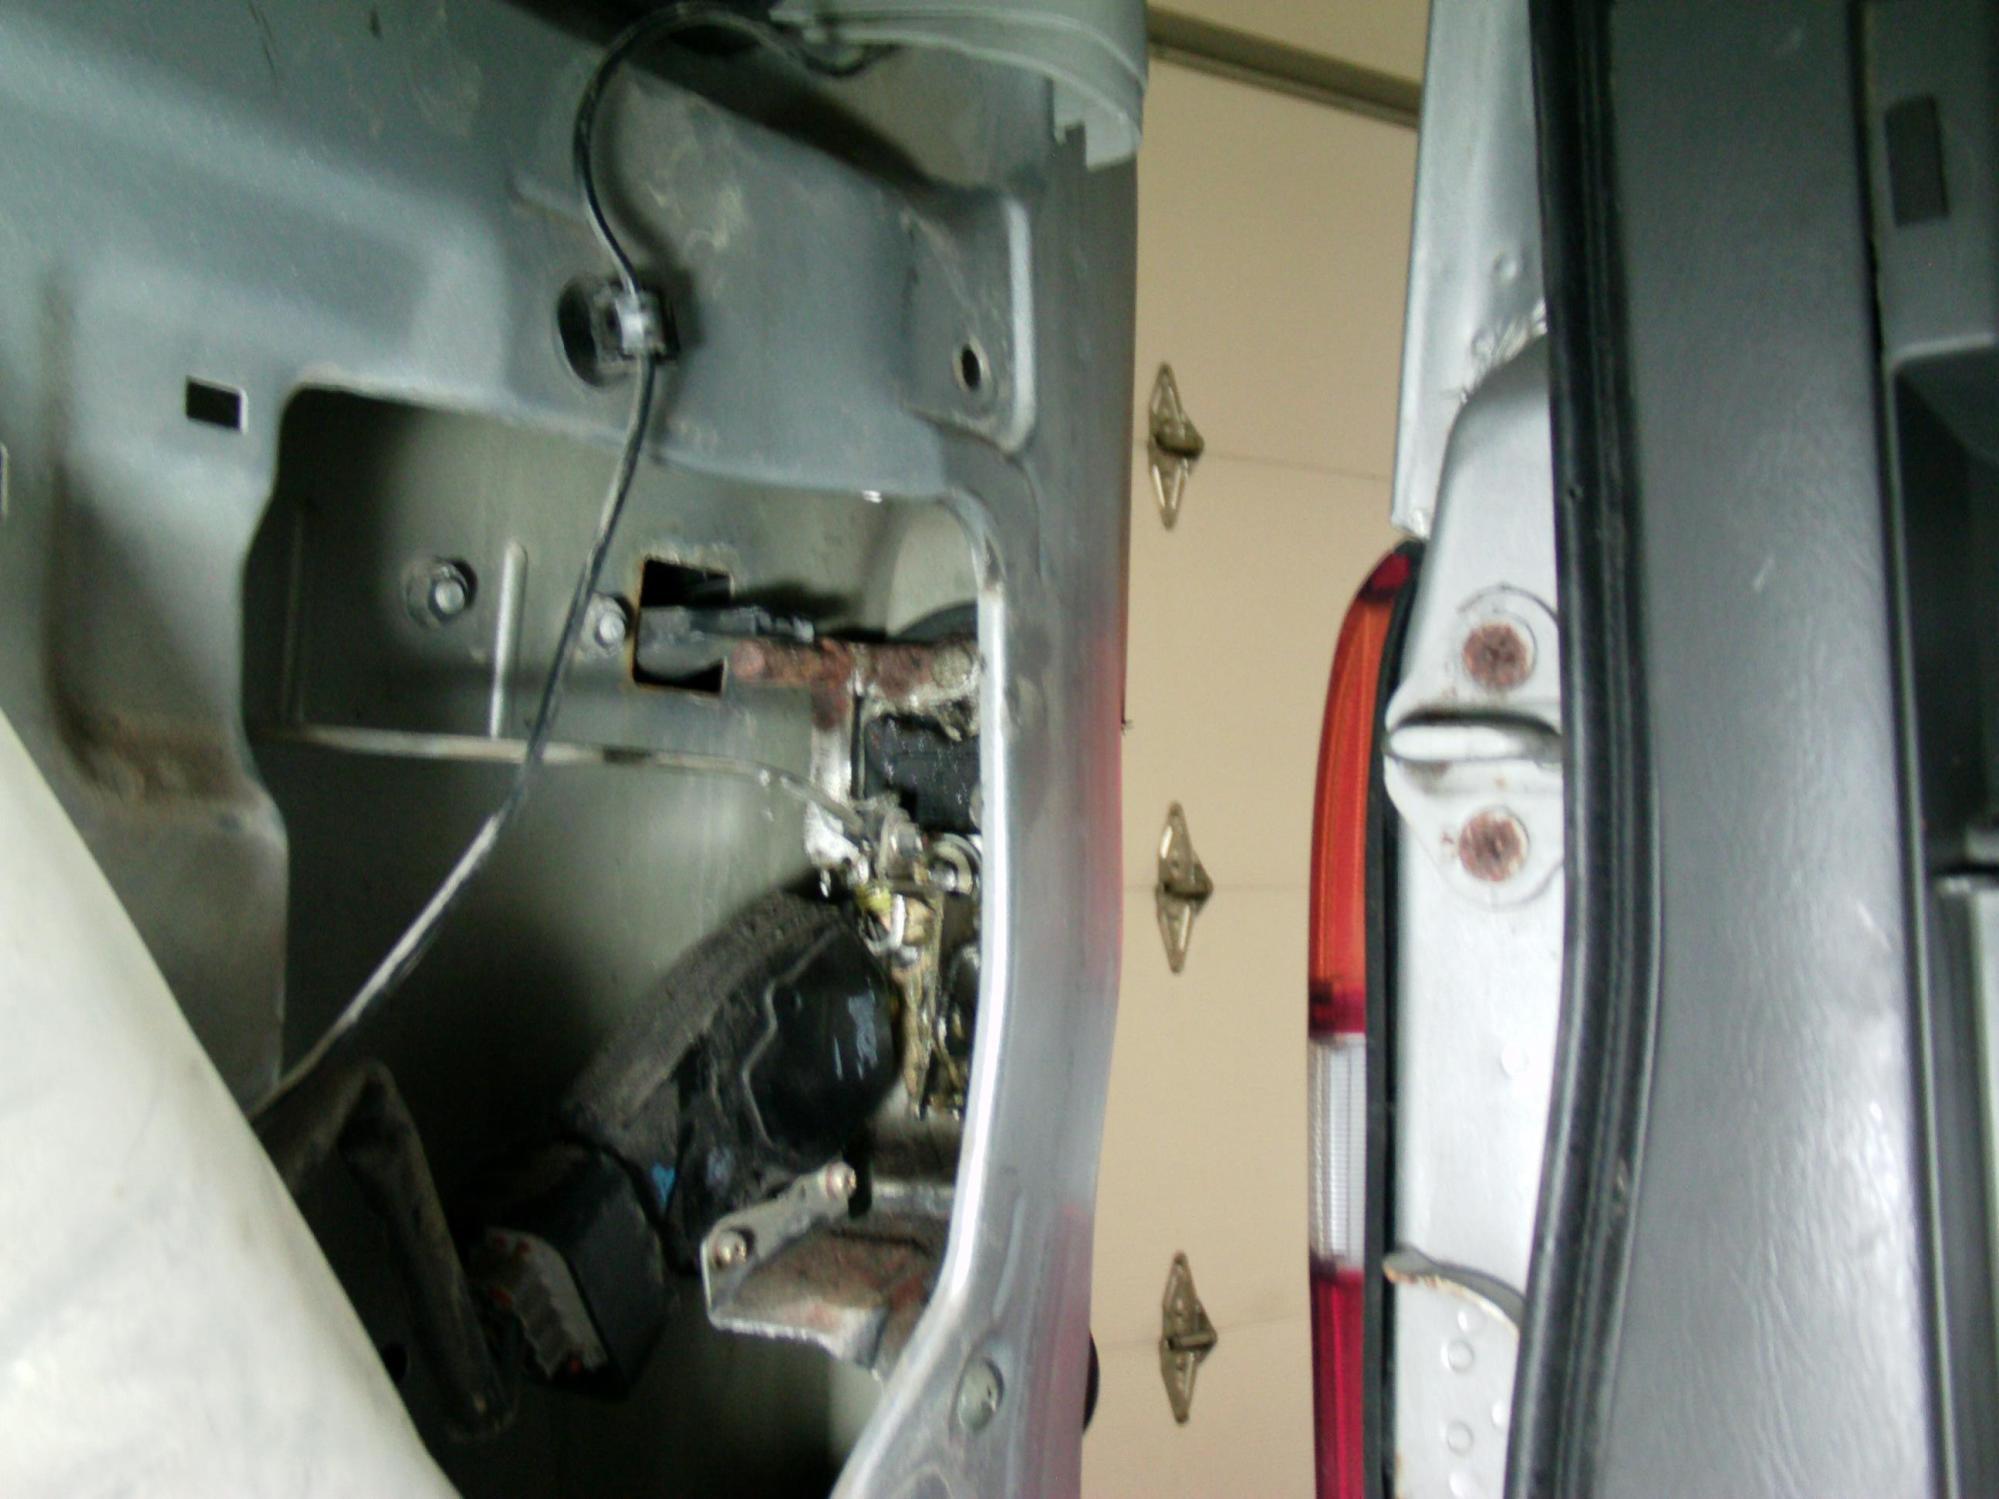 hight resolution of  2004 chevy tracker rear hatch won t open dsc00030 jpg